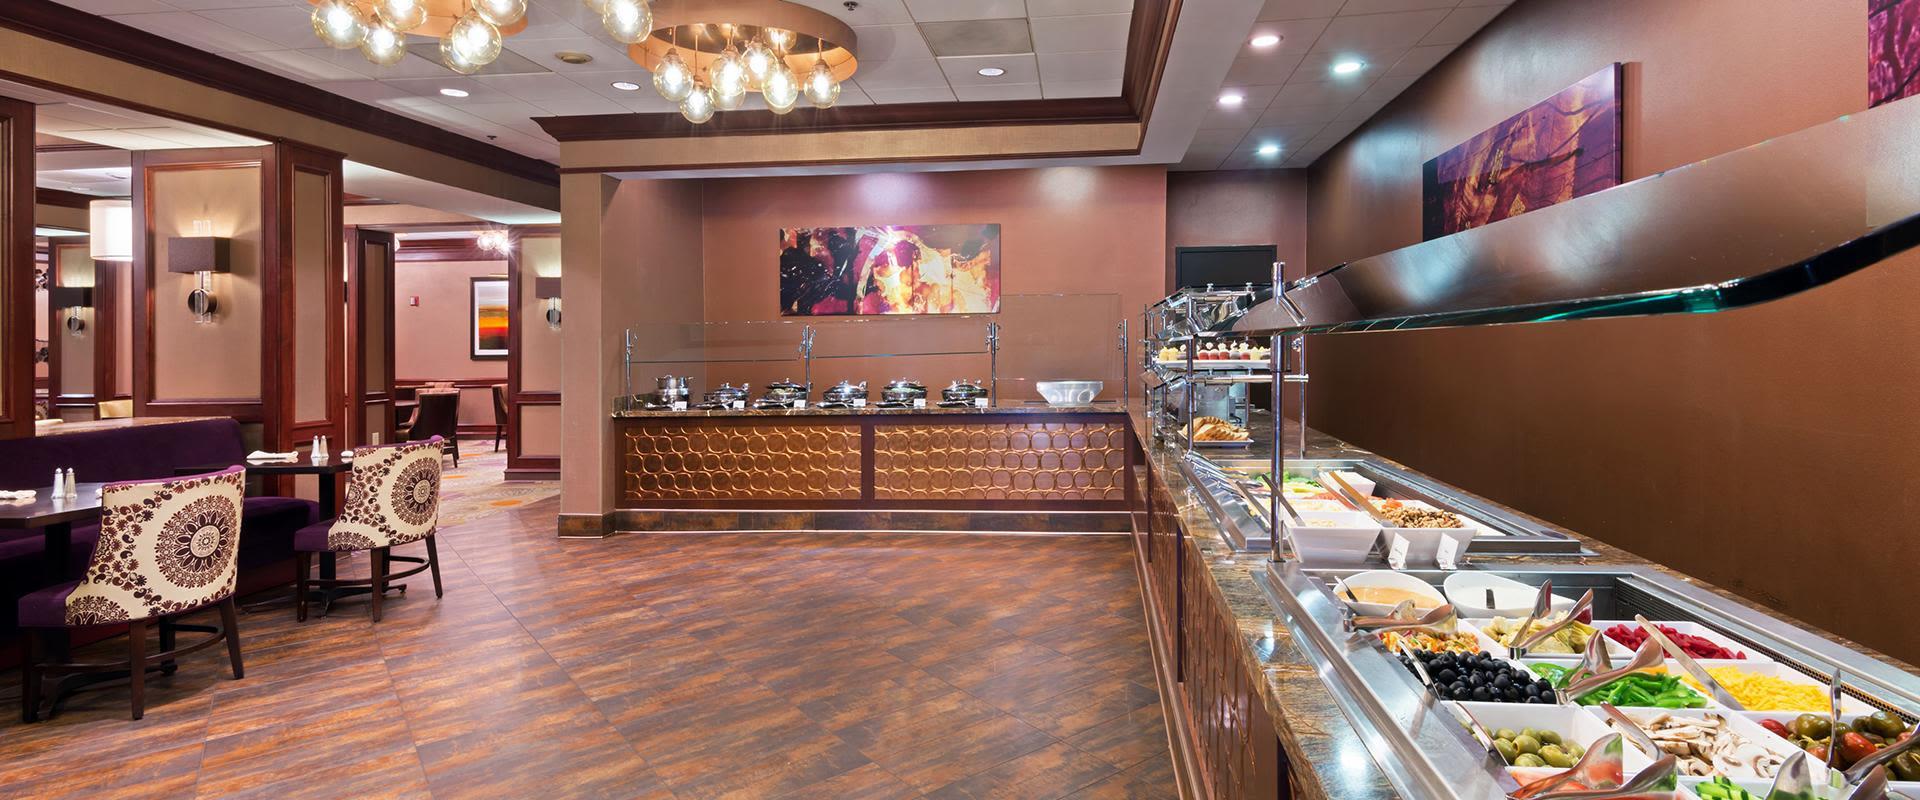 Atlanta Hotel Salad Bar and Buffet